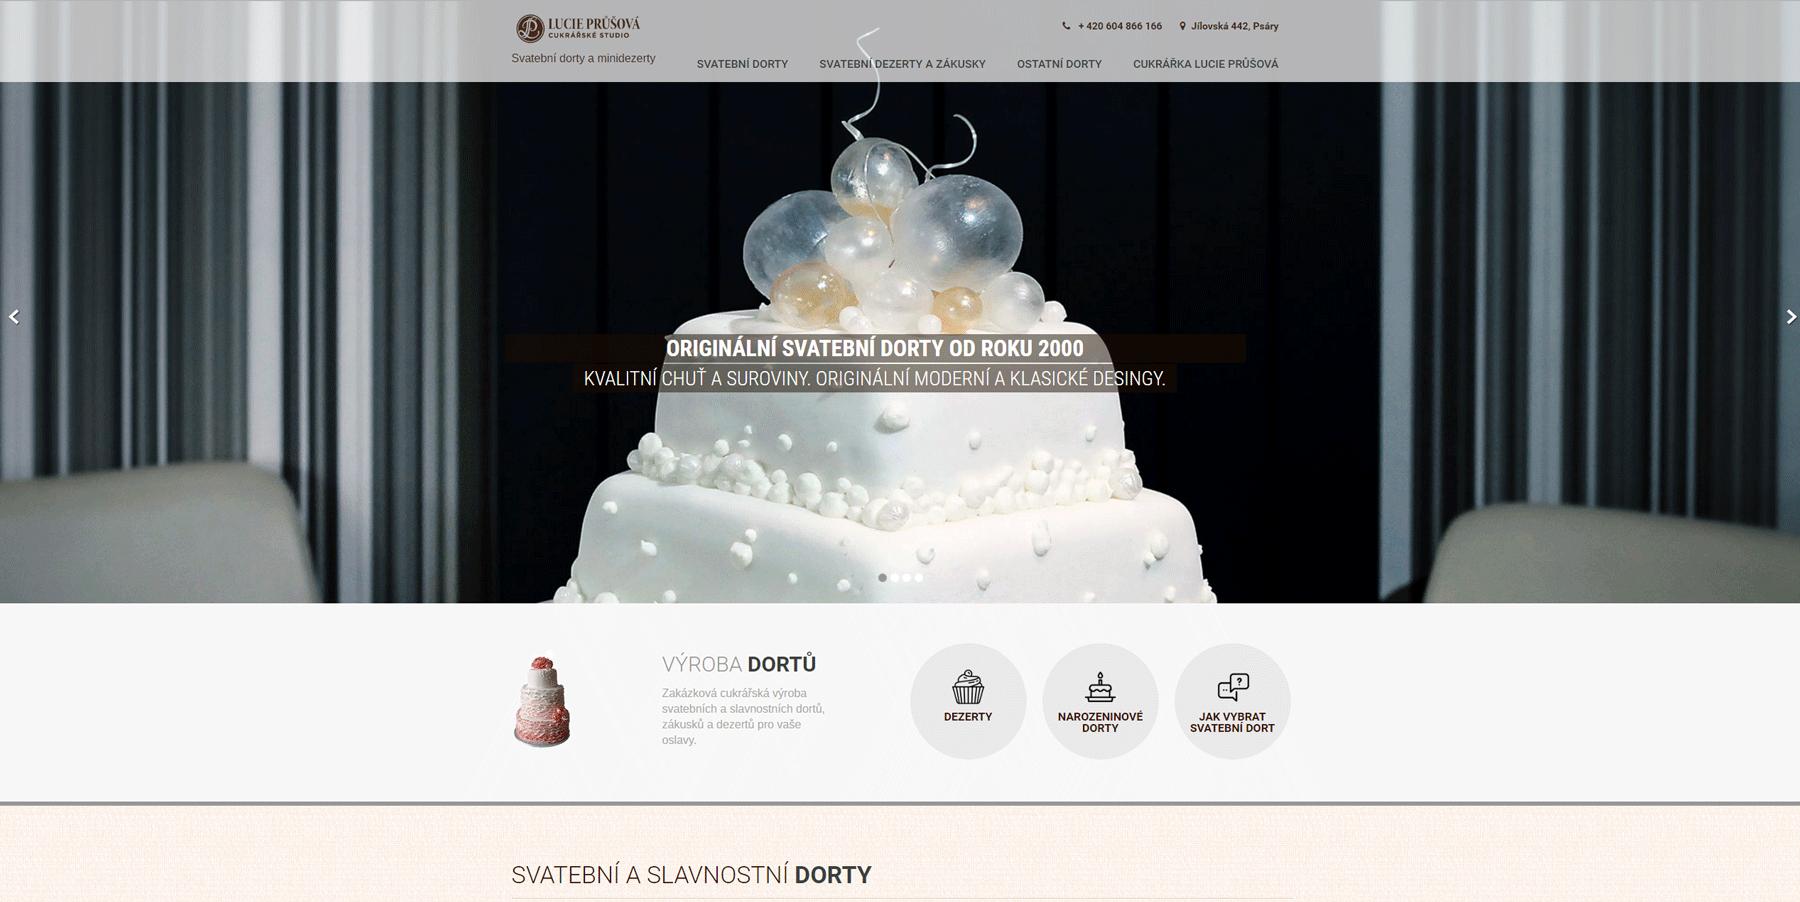 svatebni-dorty-vyroba